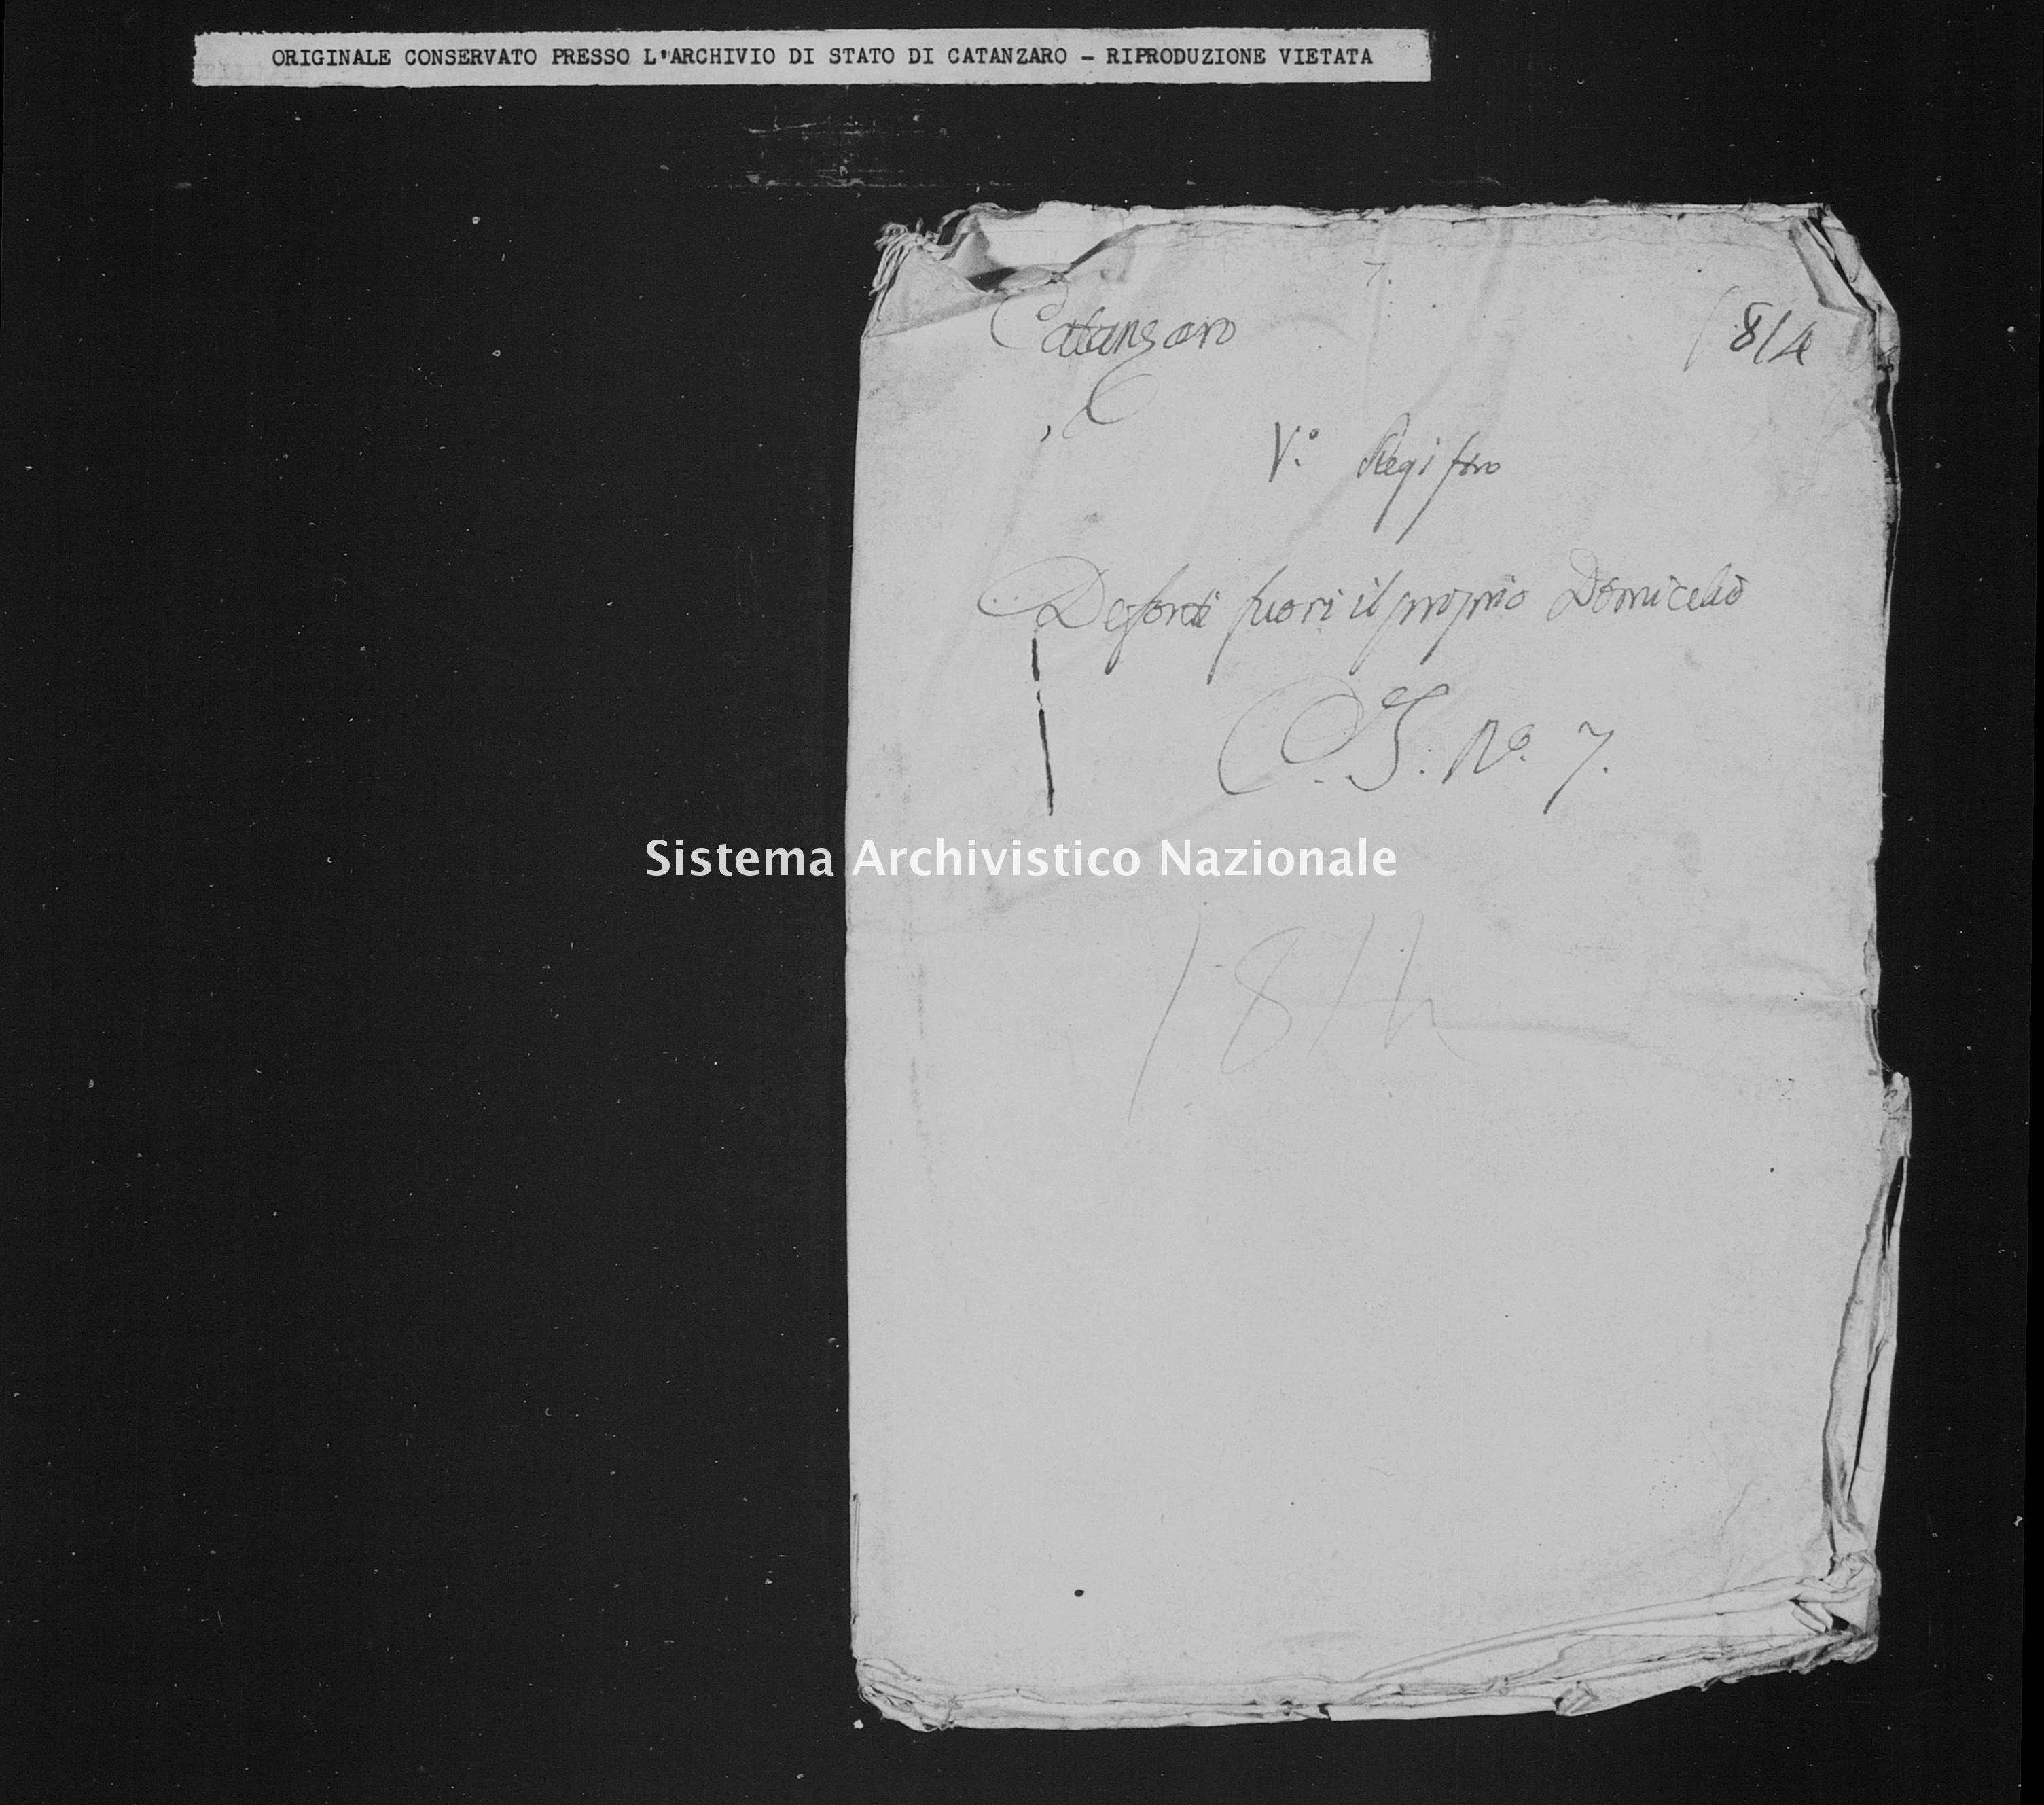 Archivio di stato di Catanzaro - Stato civile italiano - Catanzaro - Diversi, morti fuori domicilio - 1814 -